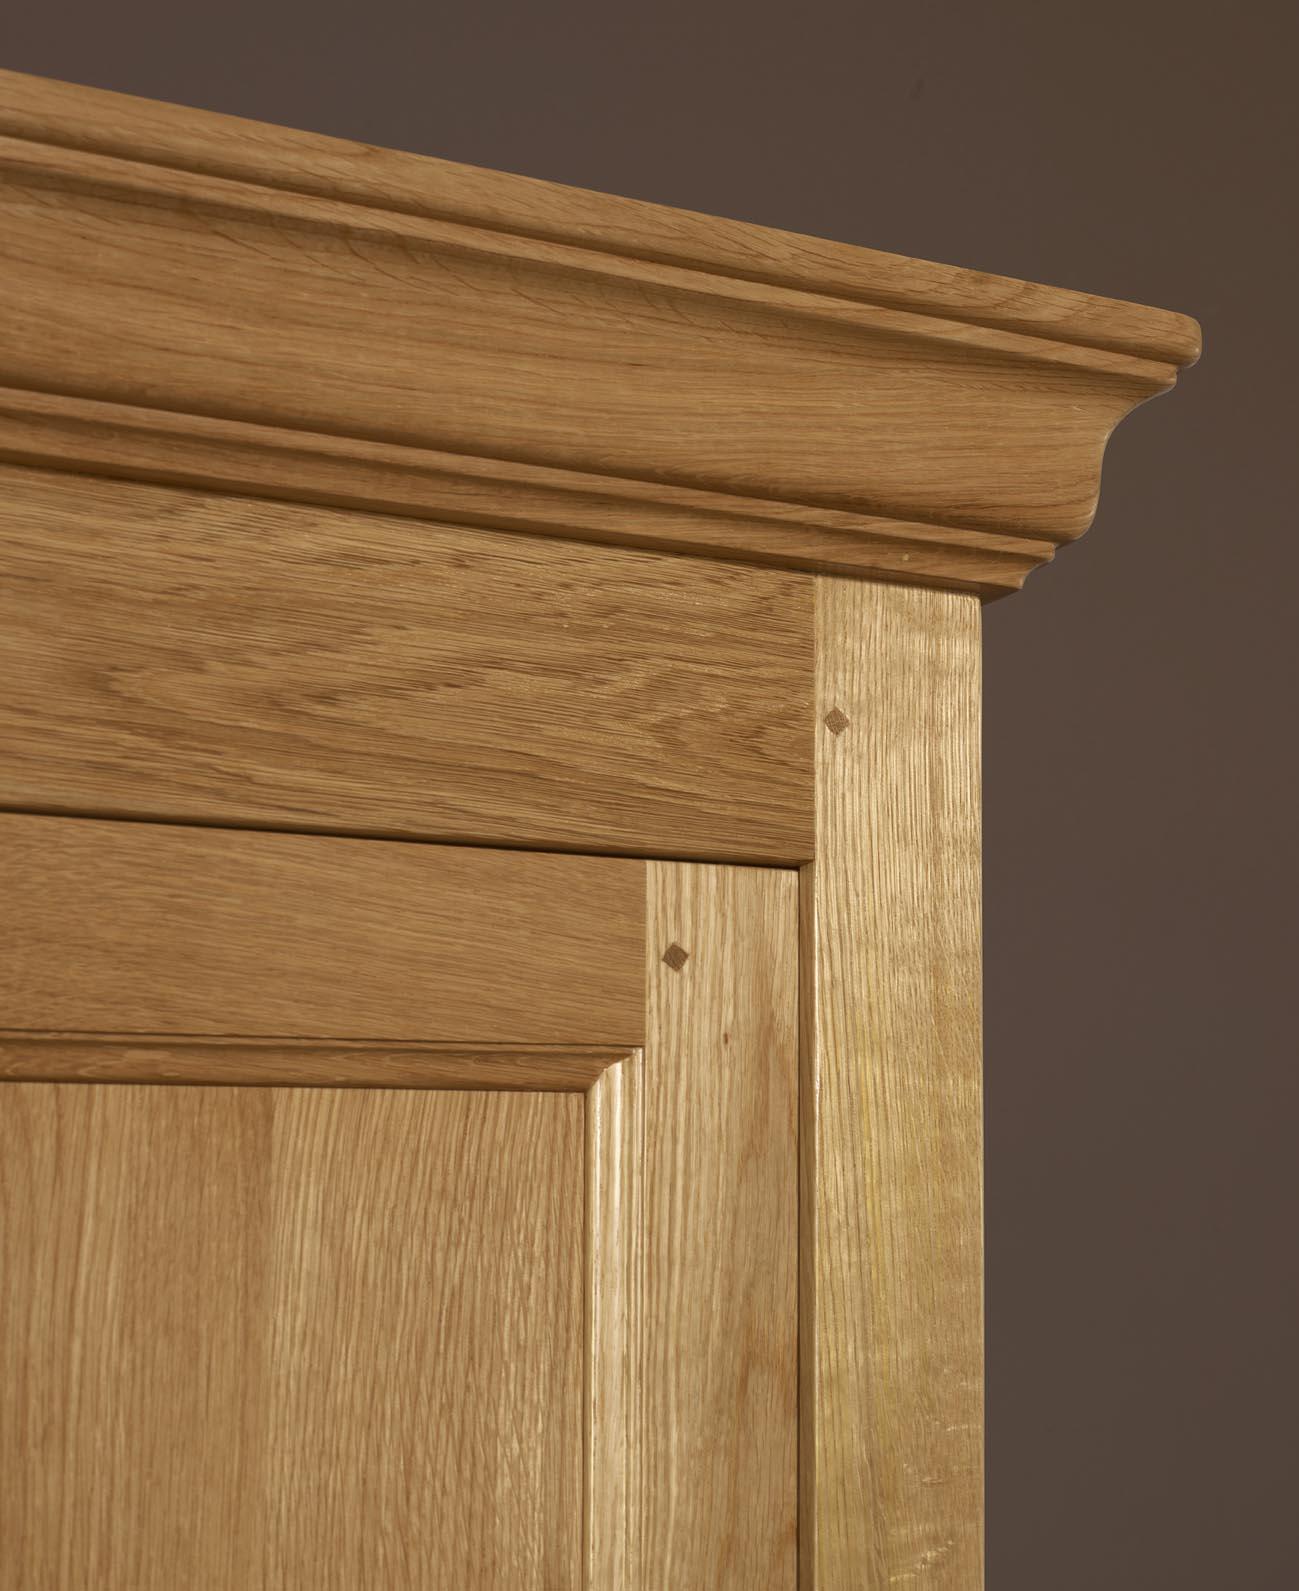 Armoire 2 portes en ch ne massif de style campagnard meuble en ch ne - Armoire chene massif 2 portes ...